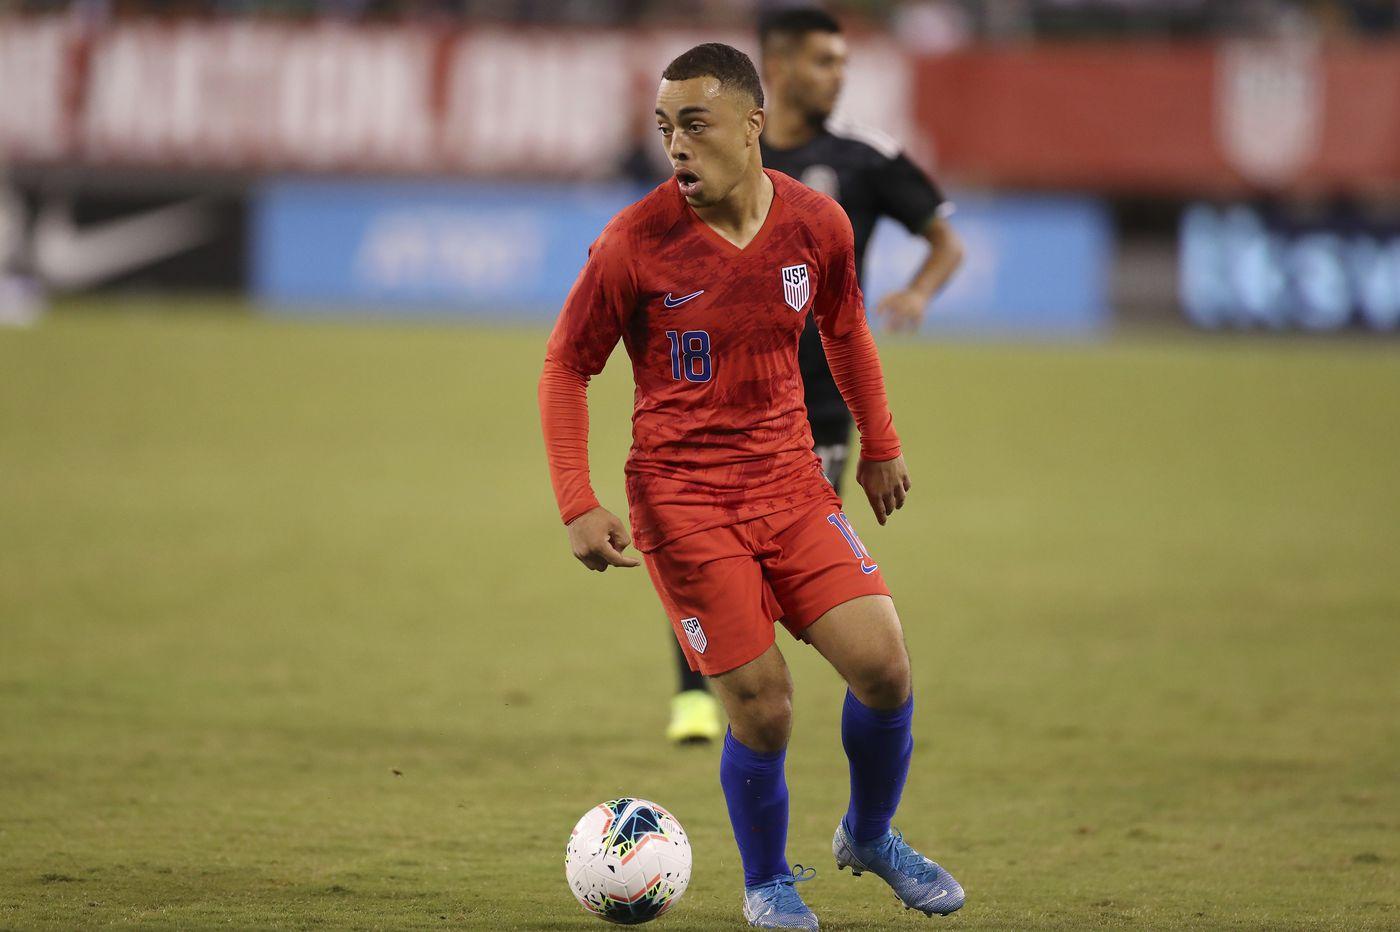 Sergiño Dest picks U.S. soccer team over Netherlands